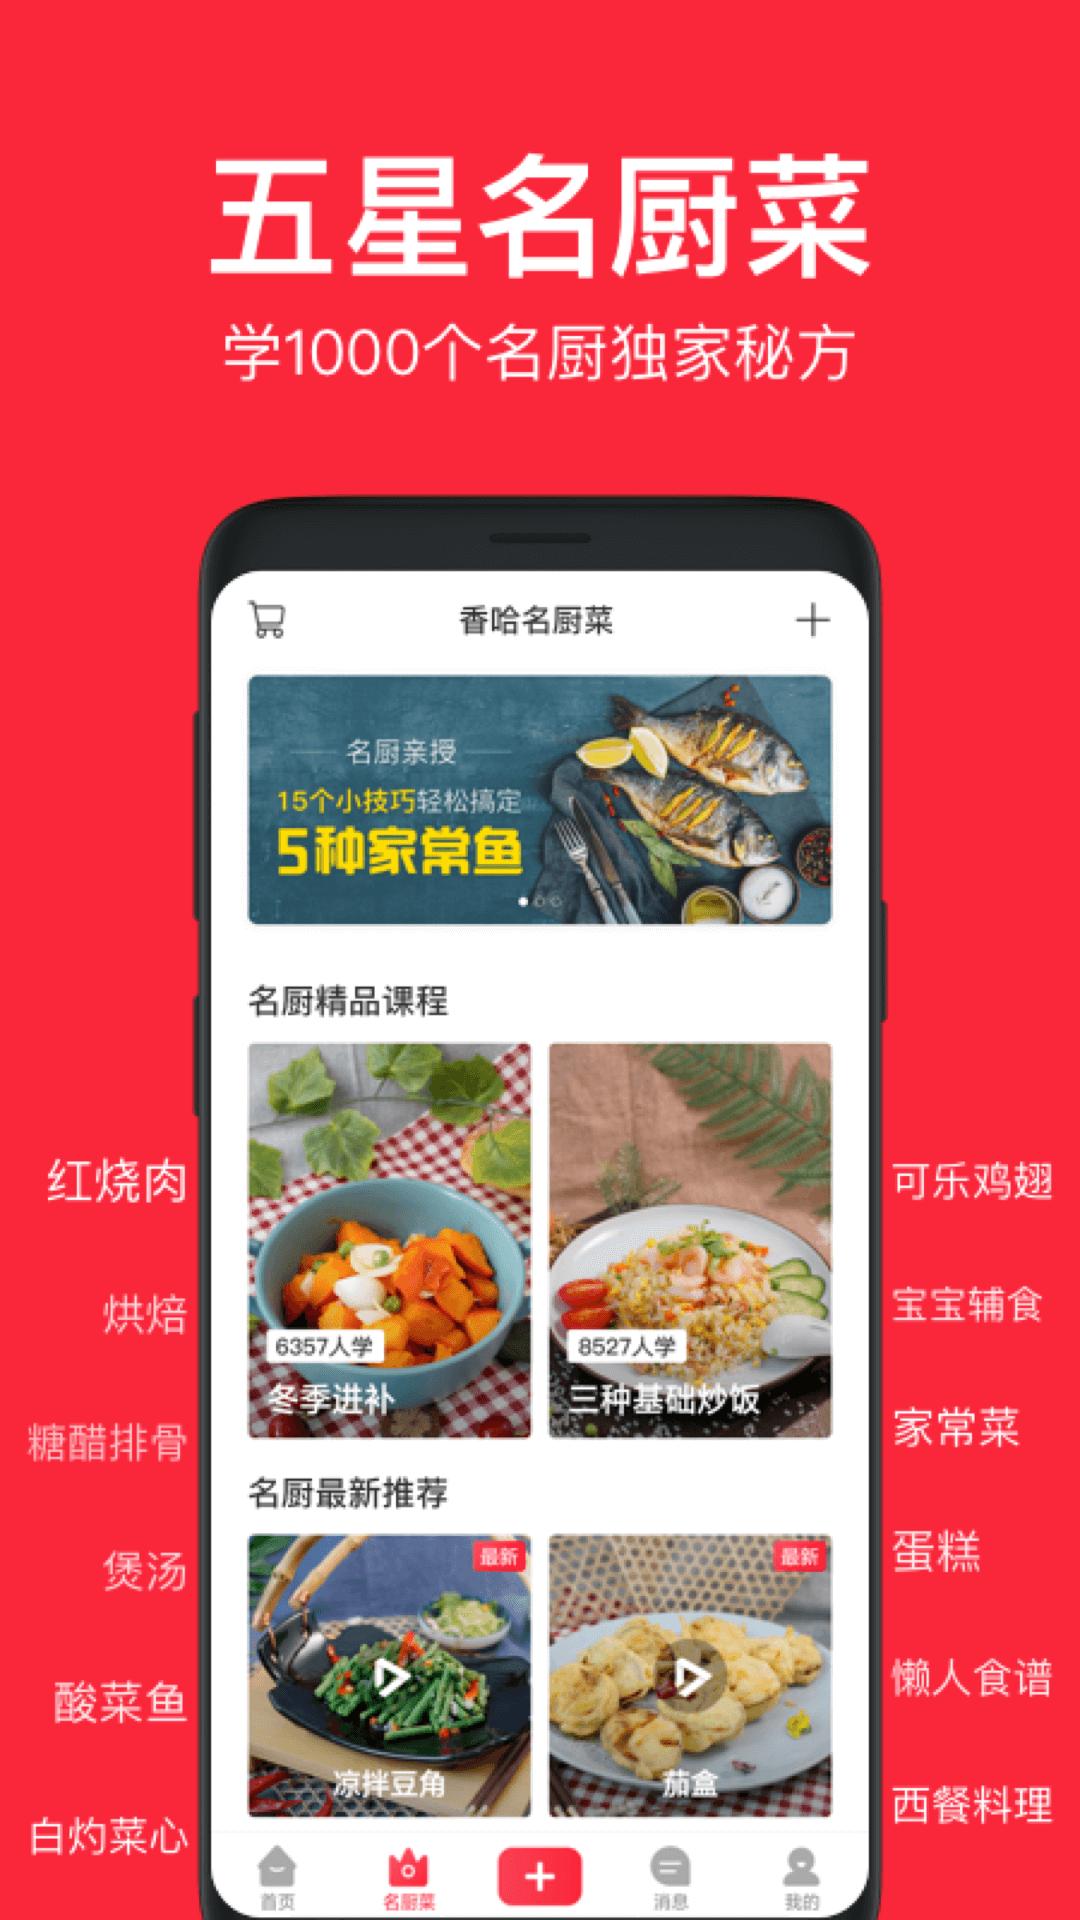 香哈菜谱app截图0